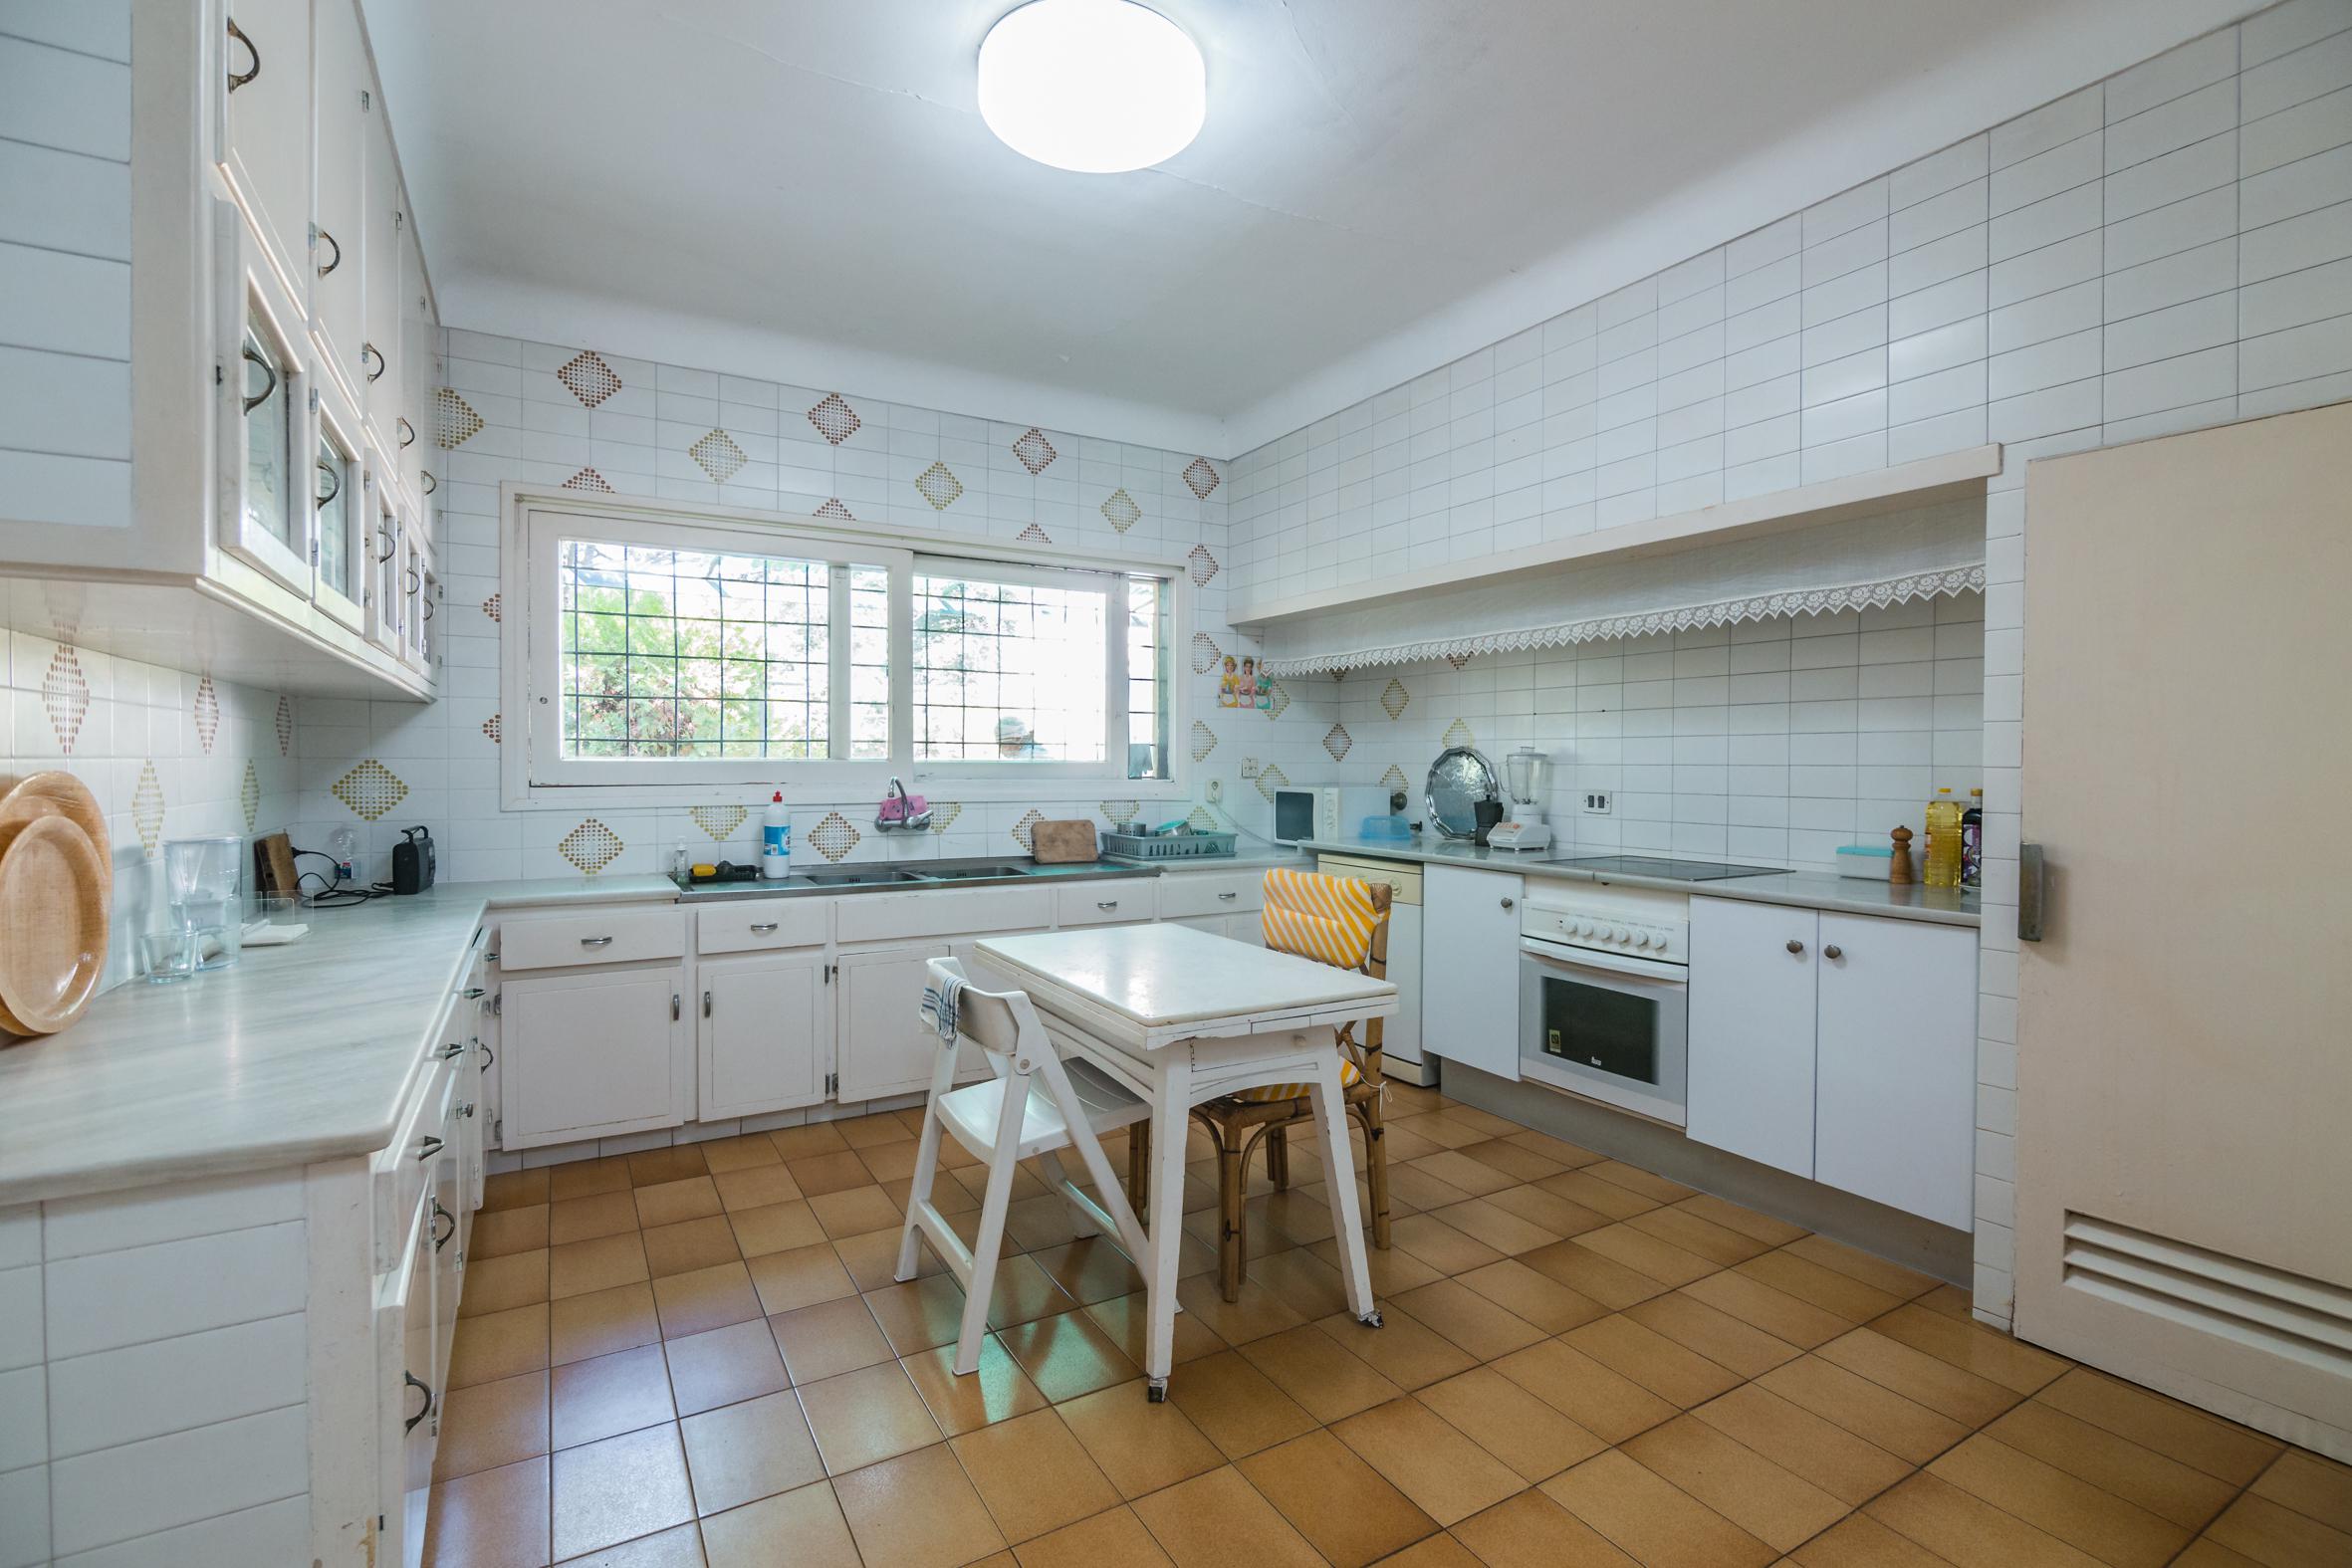 213533 Casa en venta en Sant Andreu de Llavaneres 12